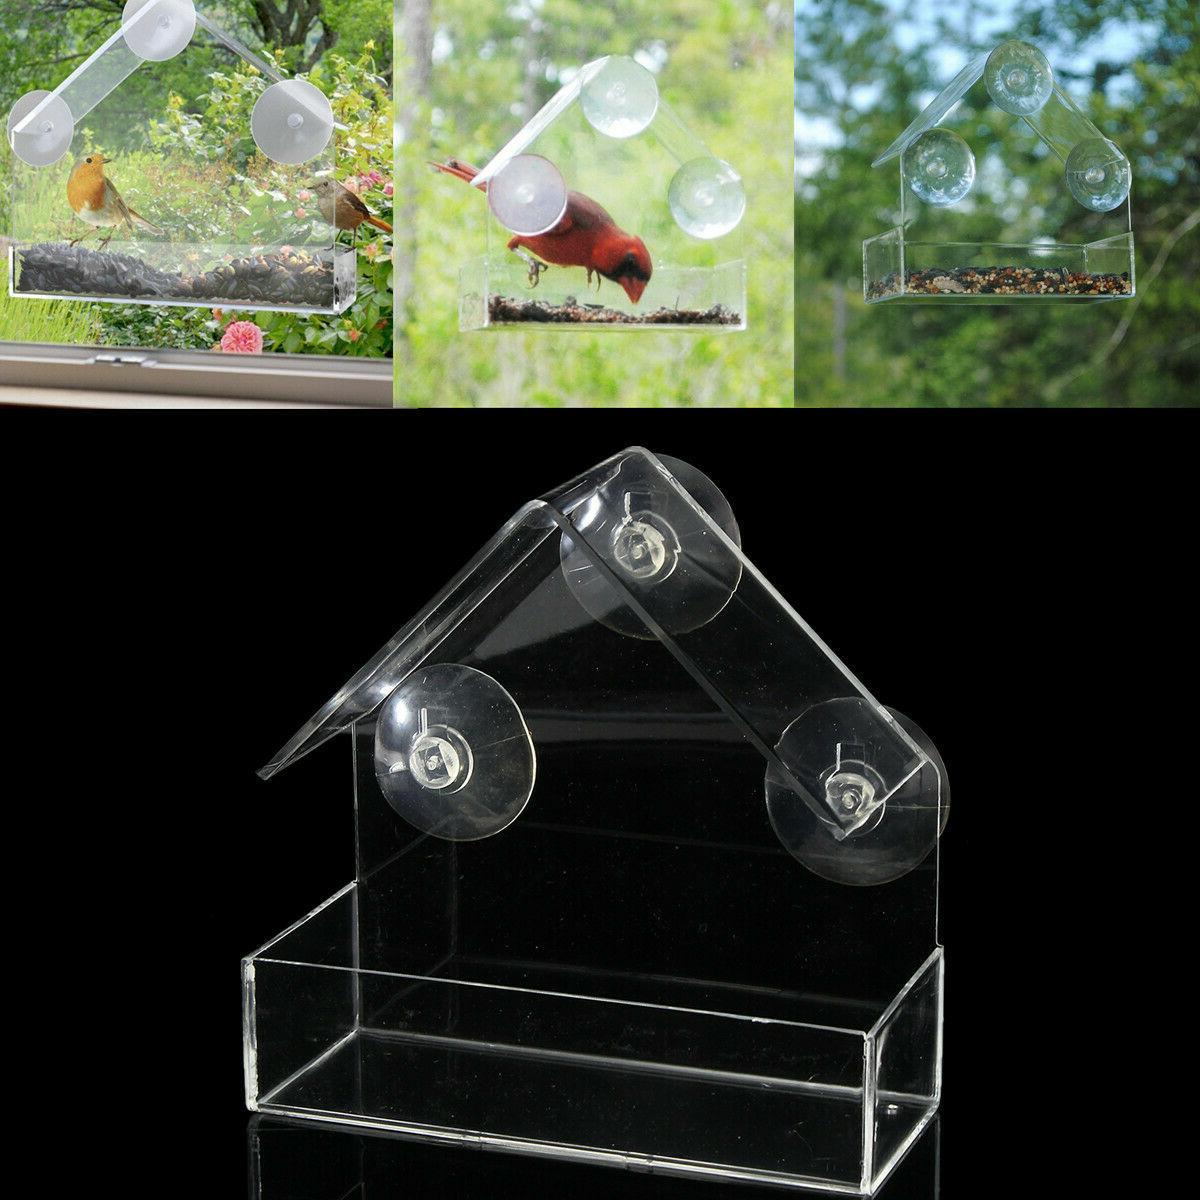 Bird Window Clear Mount Outdoor